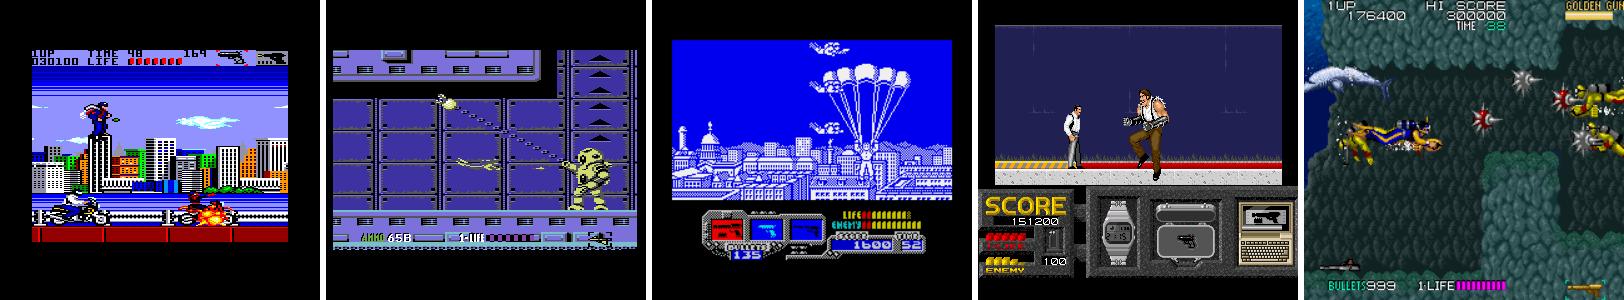 Amstrad - C64 - Spectrum - Amiga - Arcade